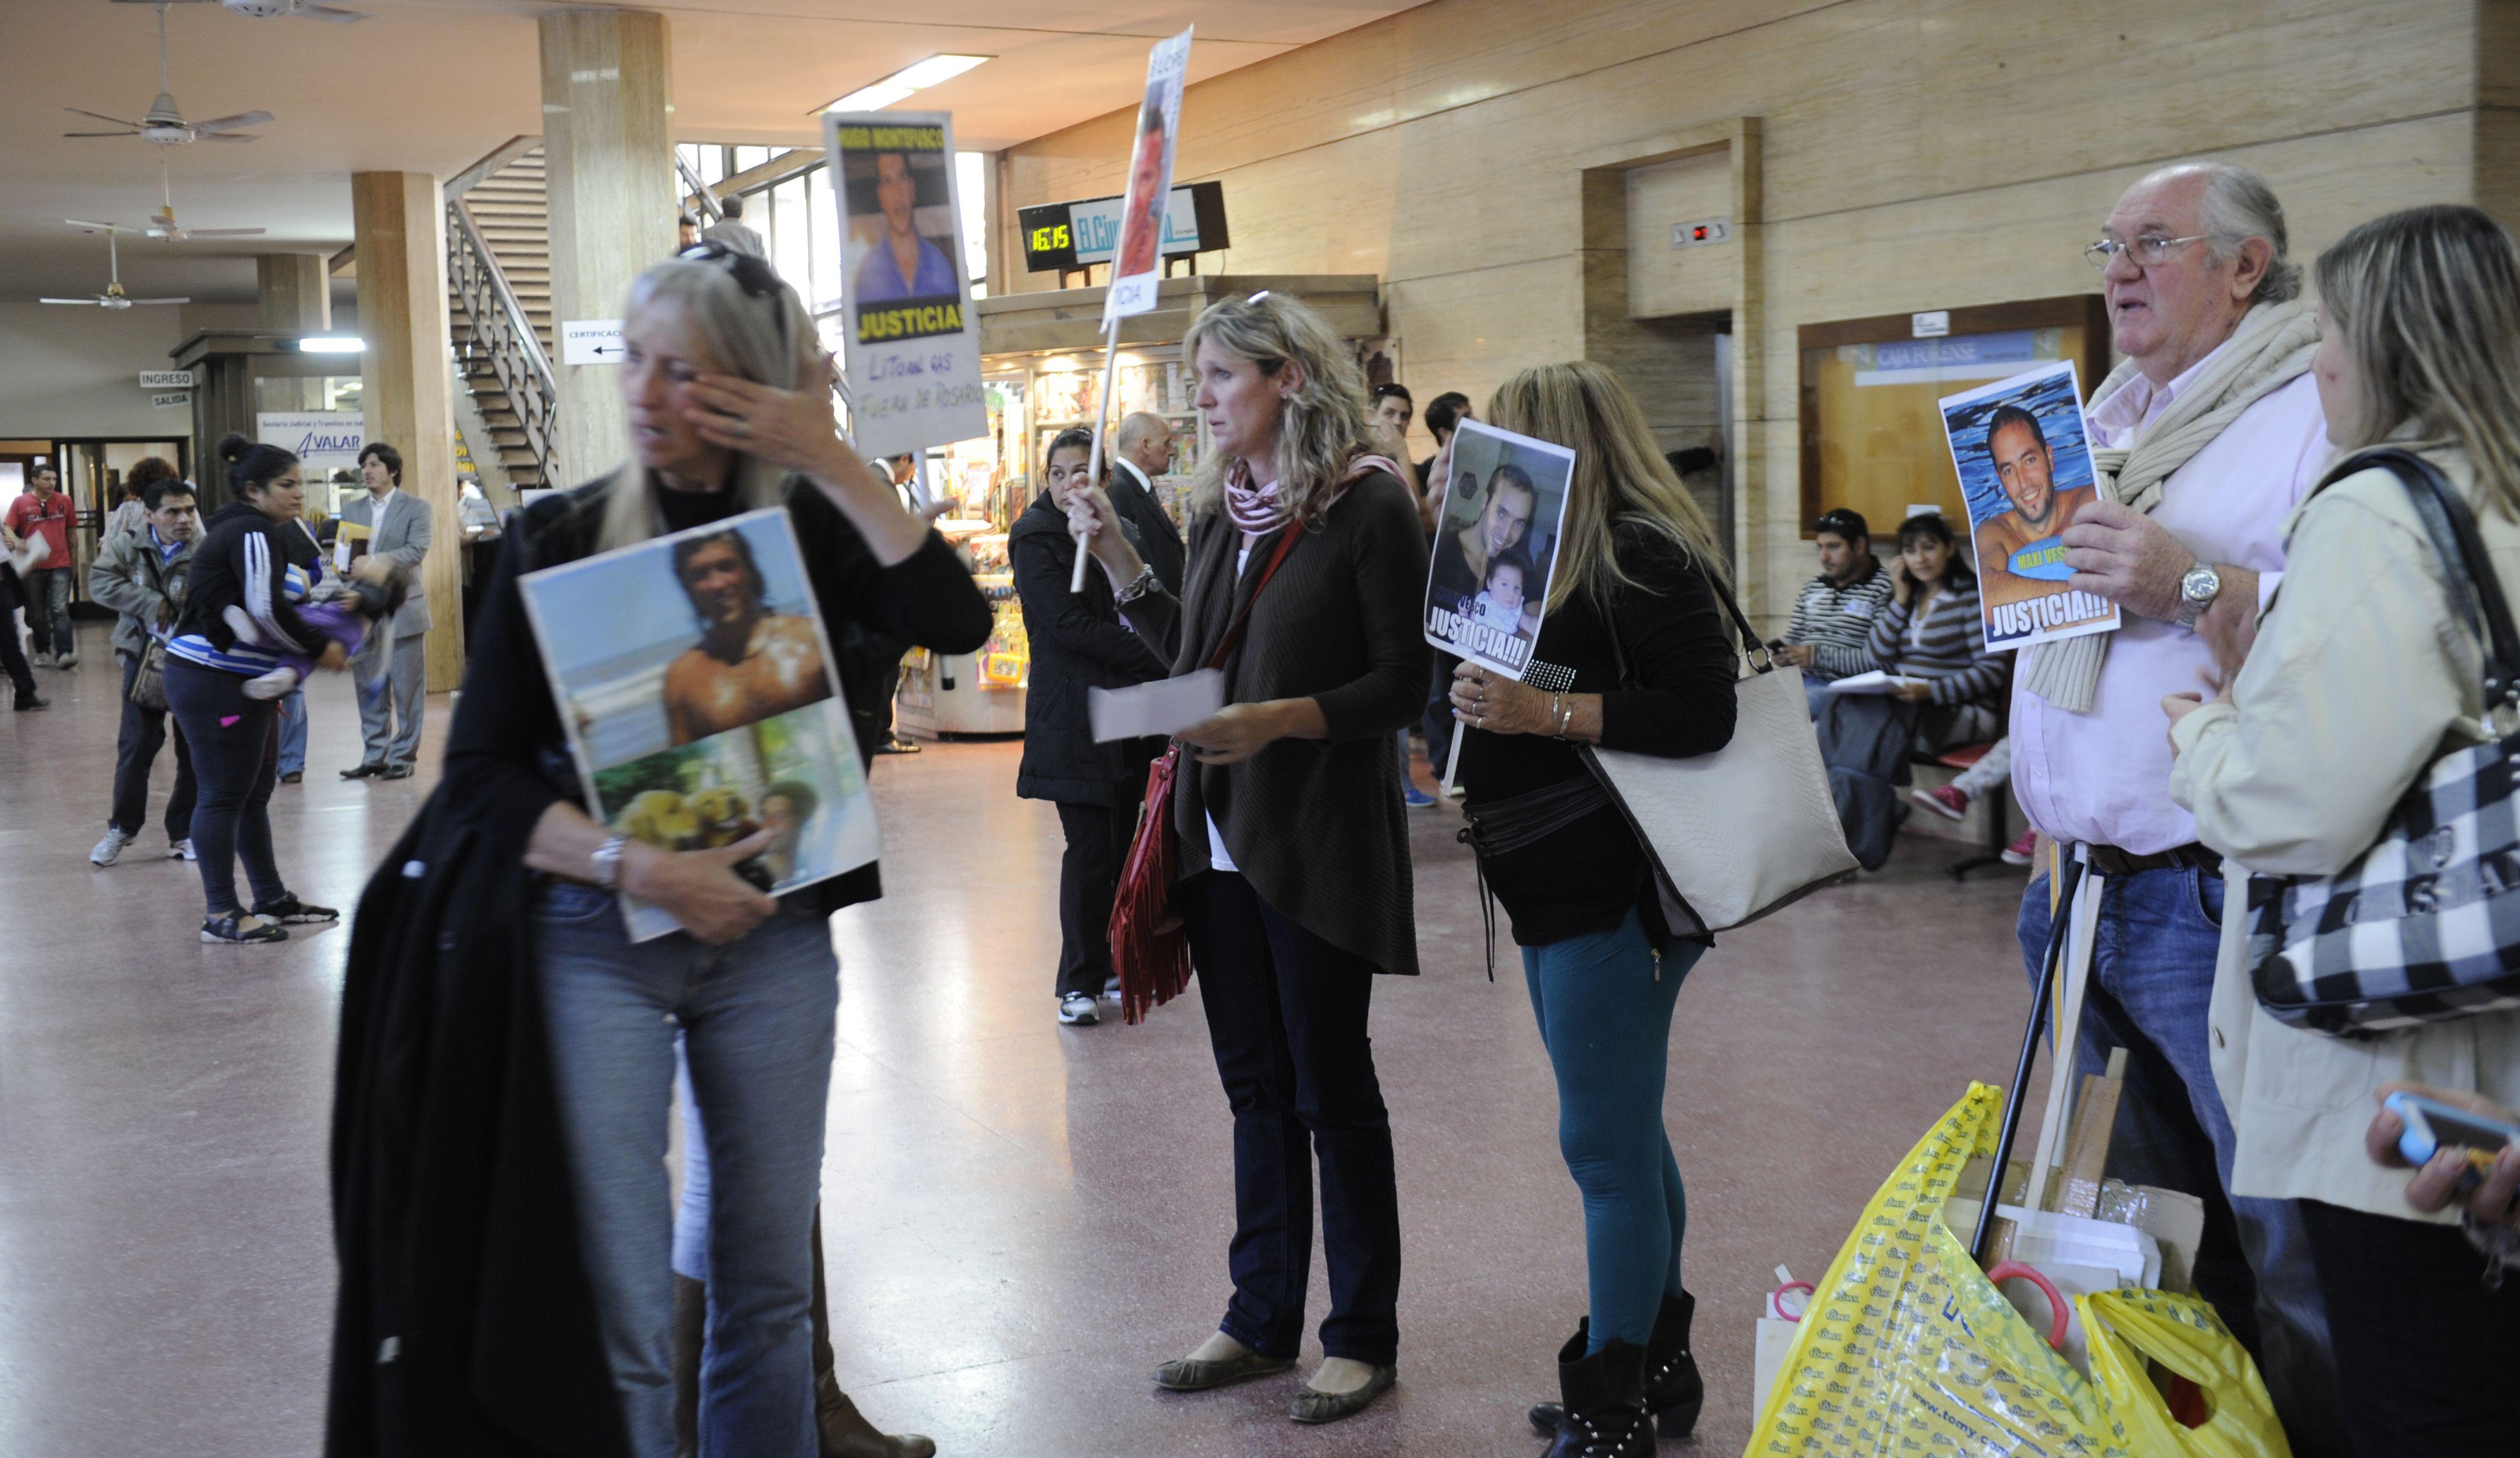 El martes pasado los familiares ingresaron a las oficinas de Litoral Gas para pedir que los reciban las autoridades. (Foto: V. Benedetto)